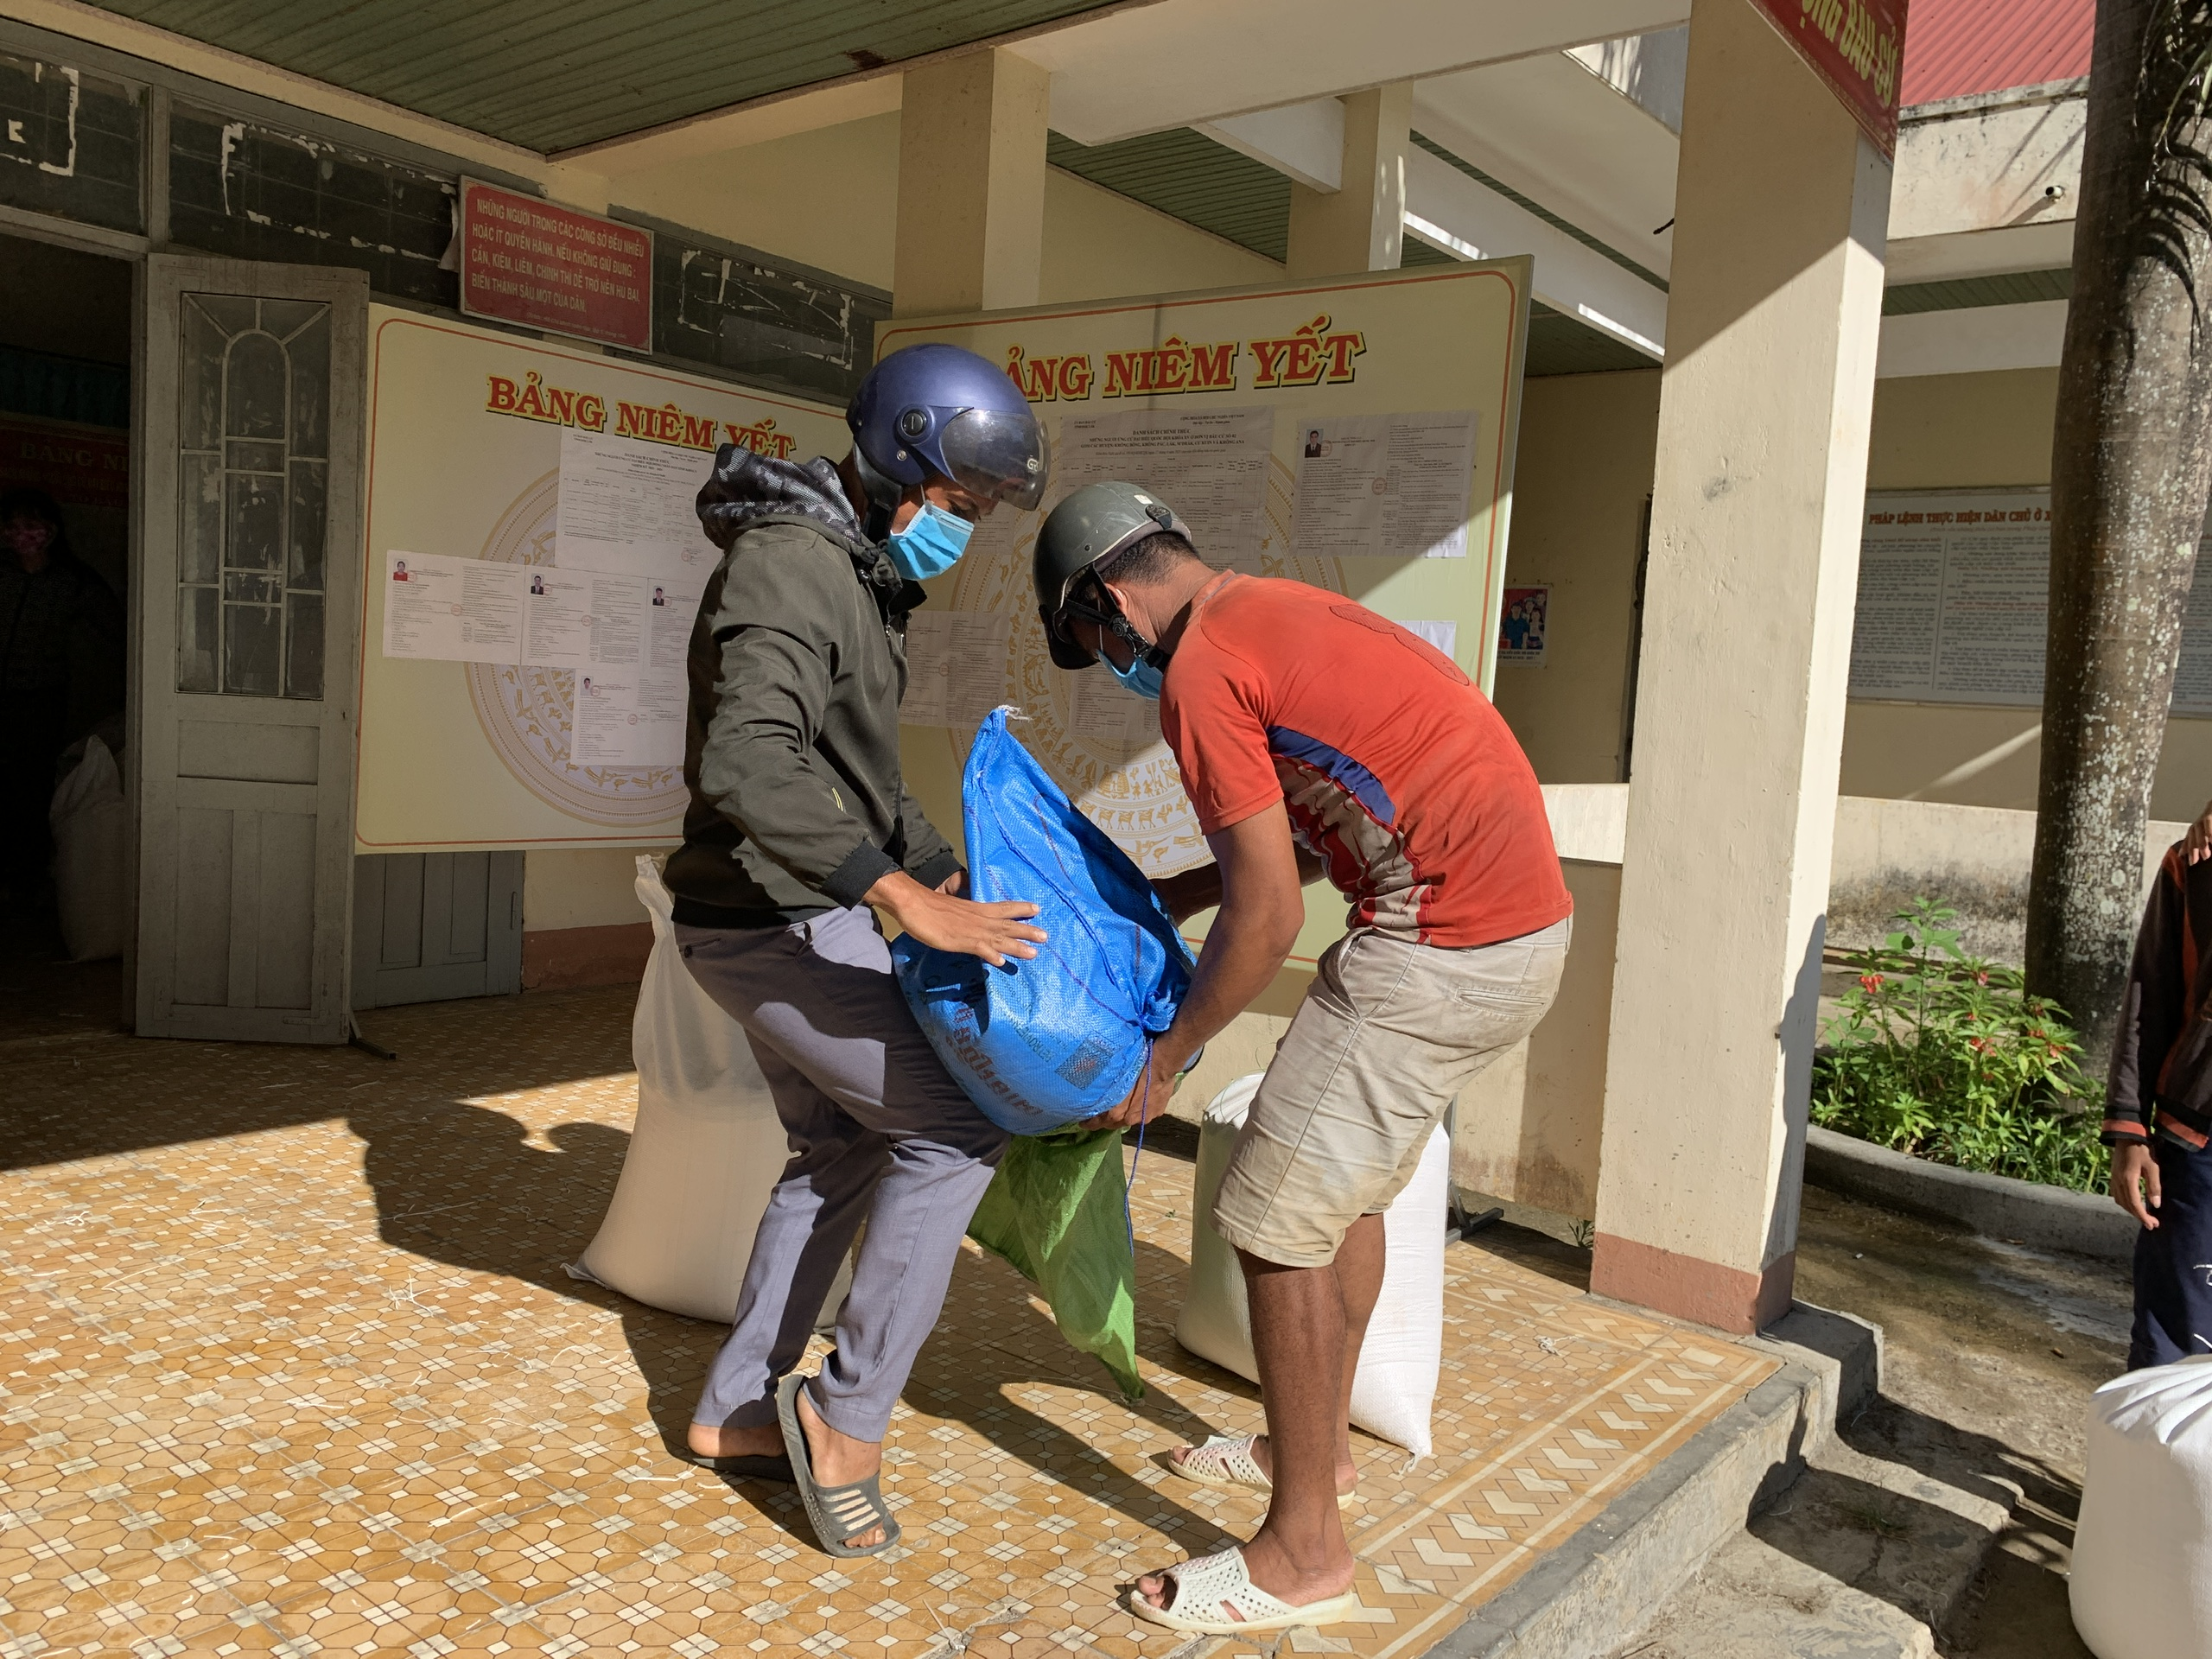 Huyện M'Drắk cấp trên 60 tấn gạo cứu đói cho người dân bị ảnh hưởng bởi dịch bệnh COVID-19